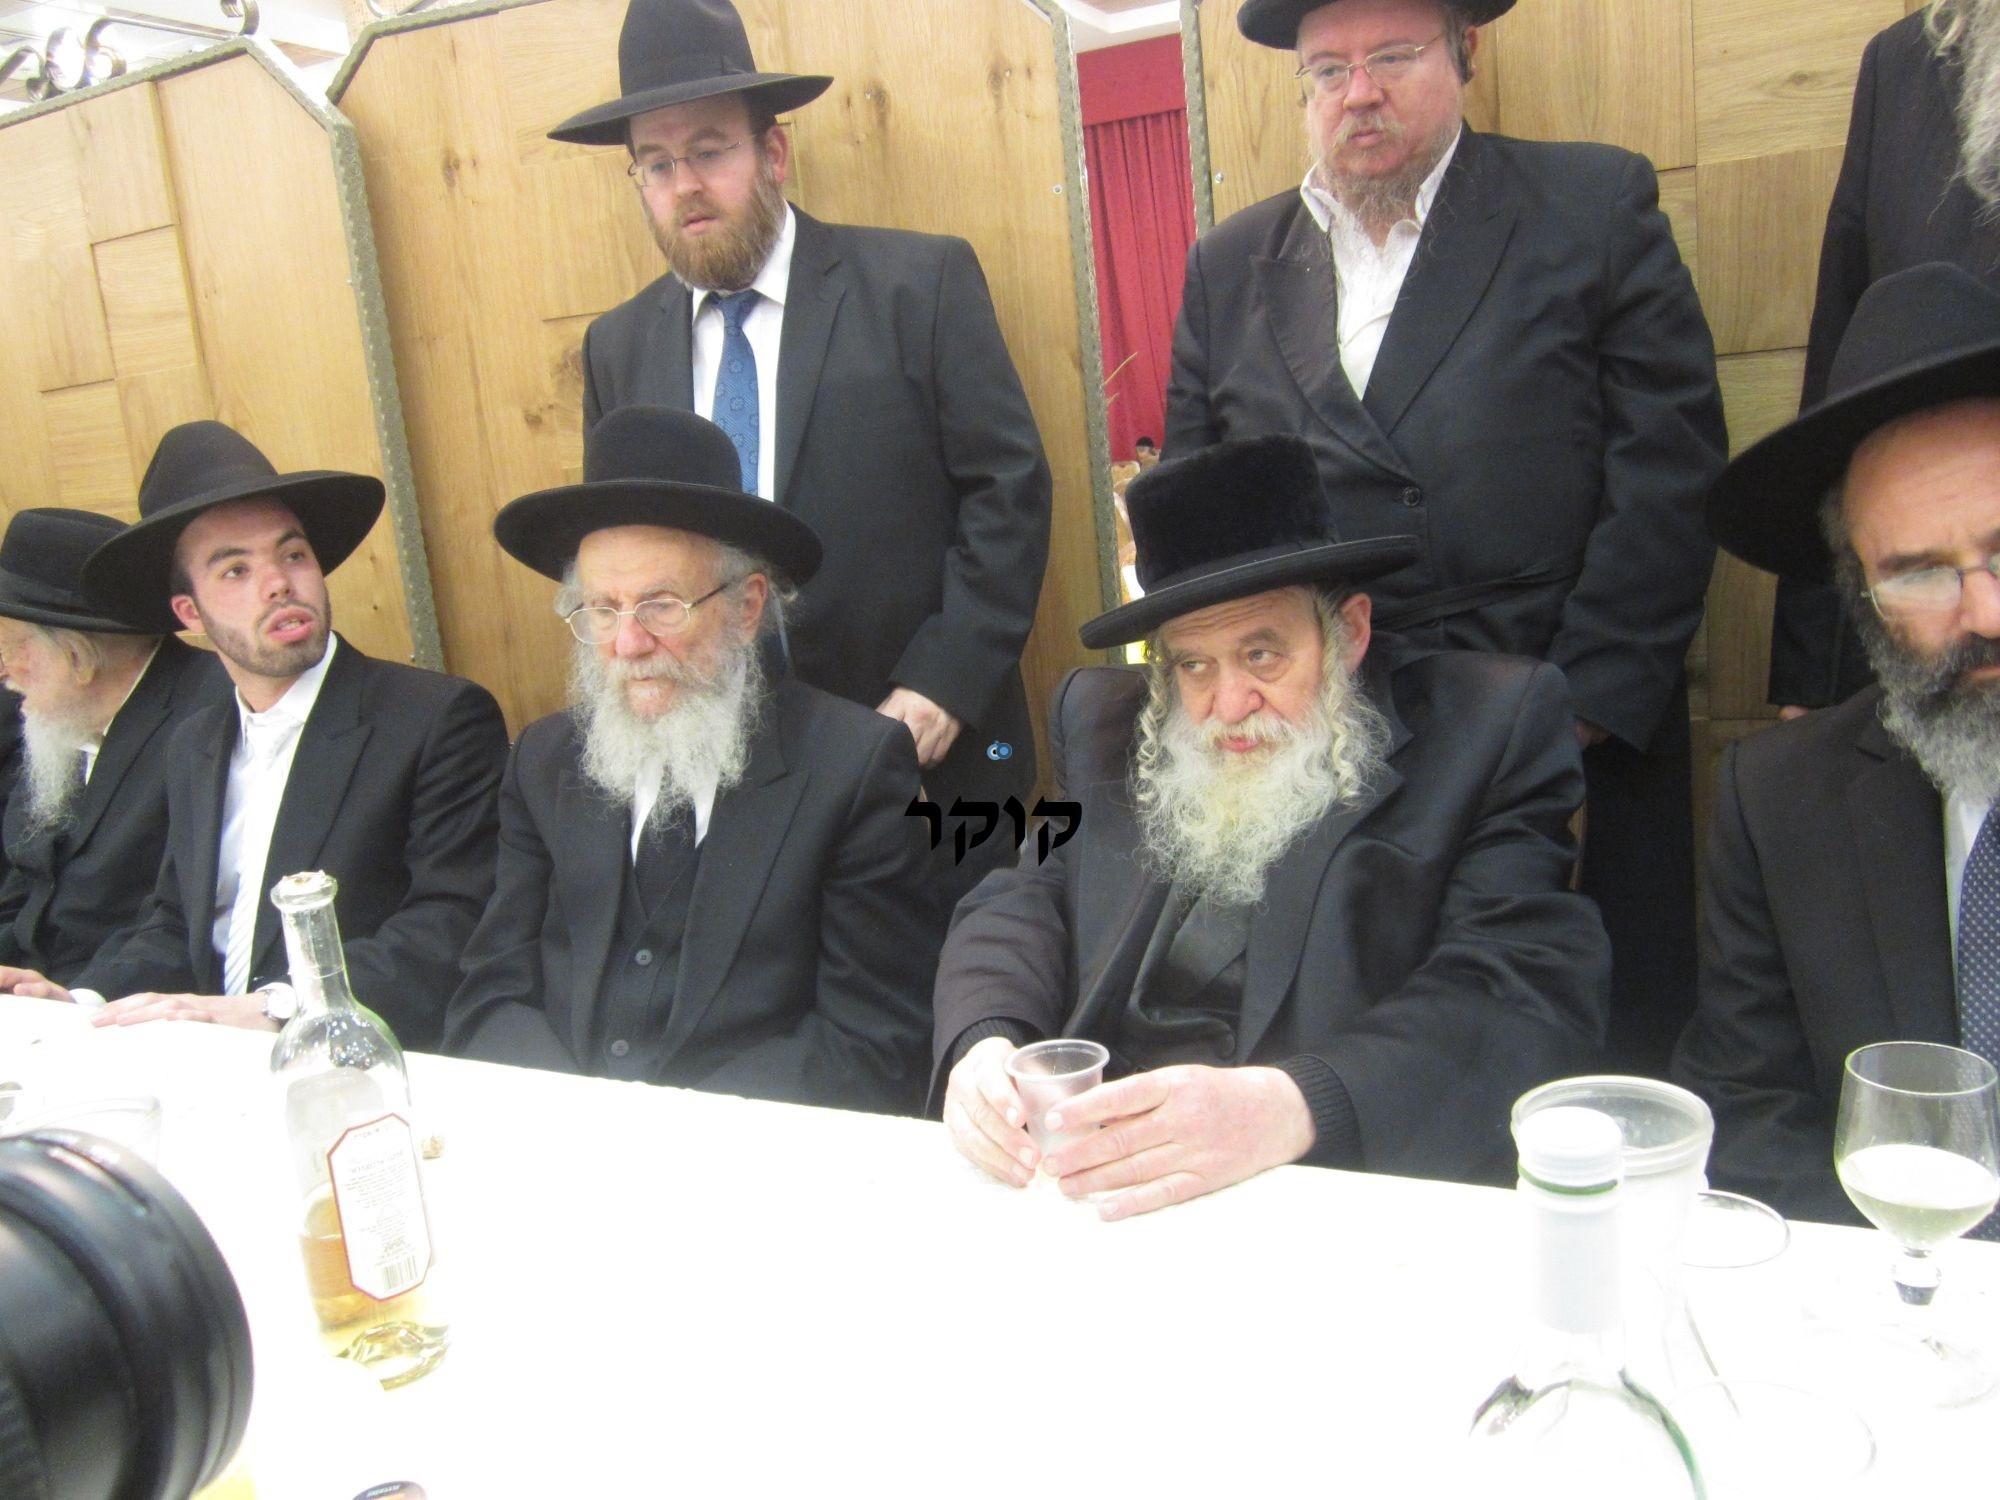 אדמו''ר מ טשערנוביל מטשערנוביל, חתונה, הרב יעקב אדלשטיין אדלשטין (2)